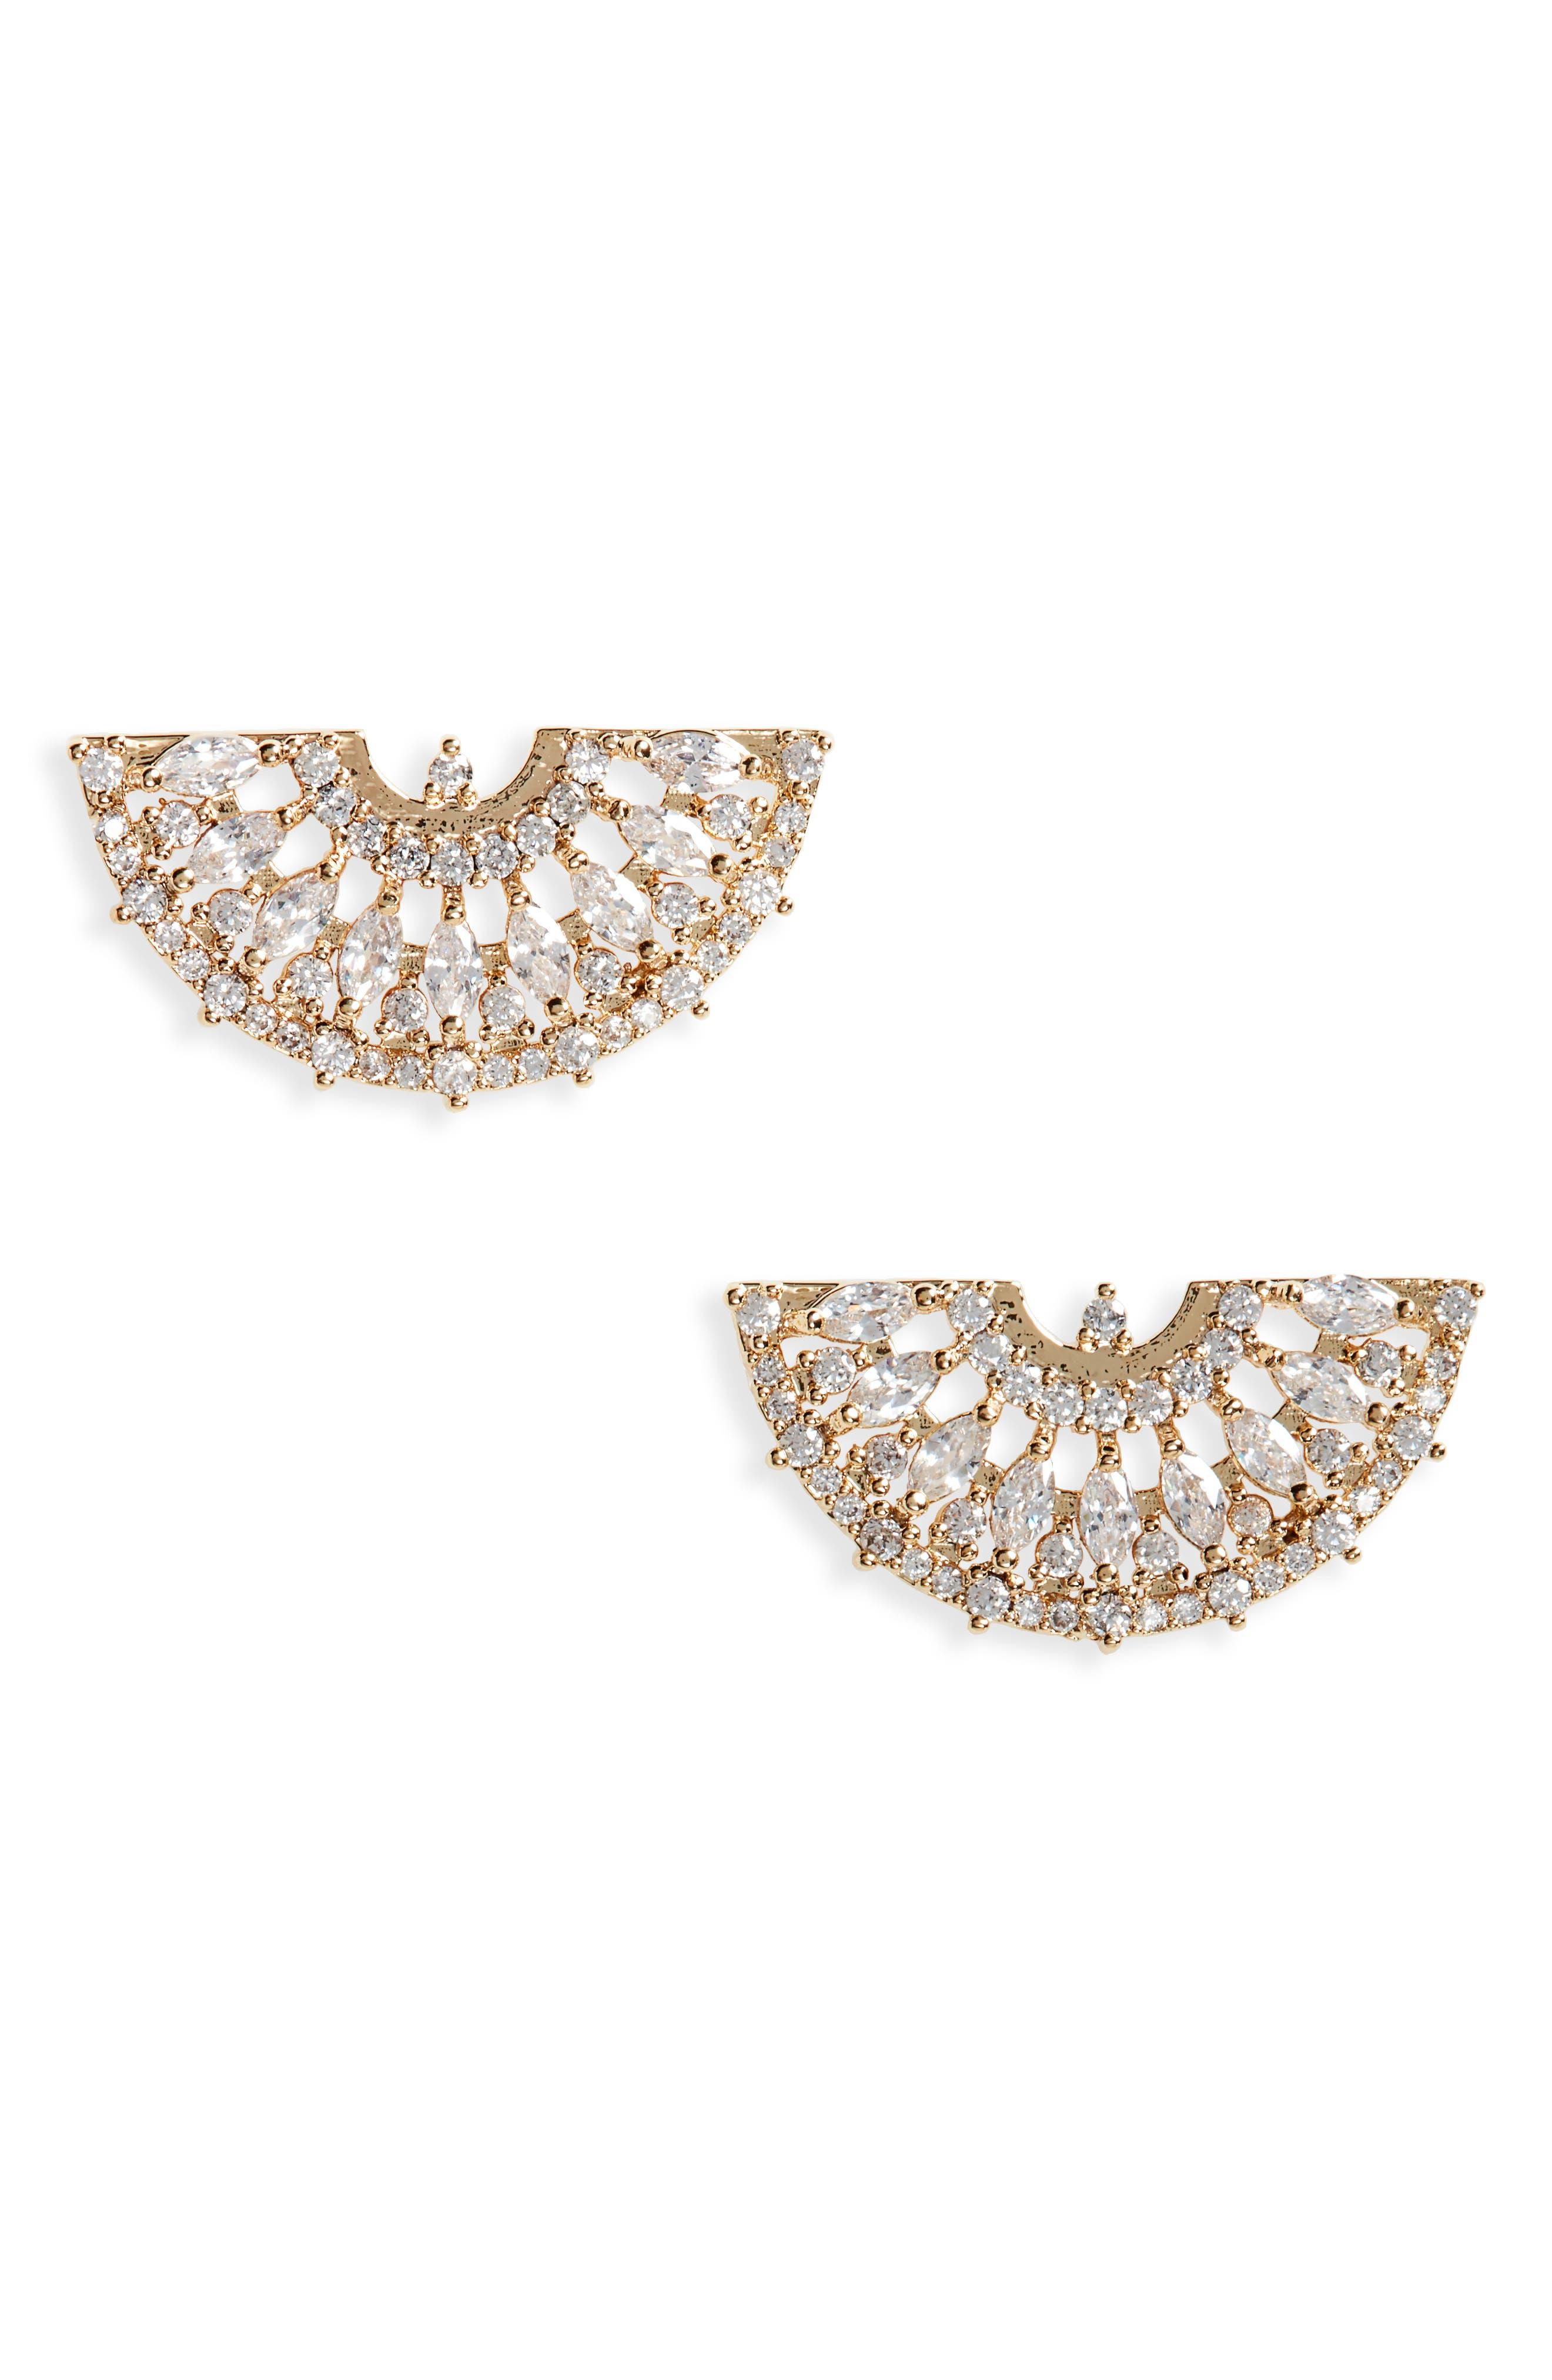 Sparkle Half Moon Earrings,                             Main thumbnail 1, color,                             710